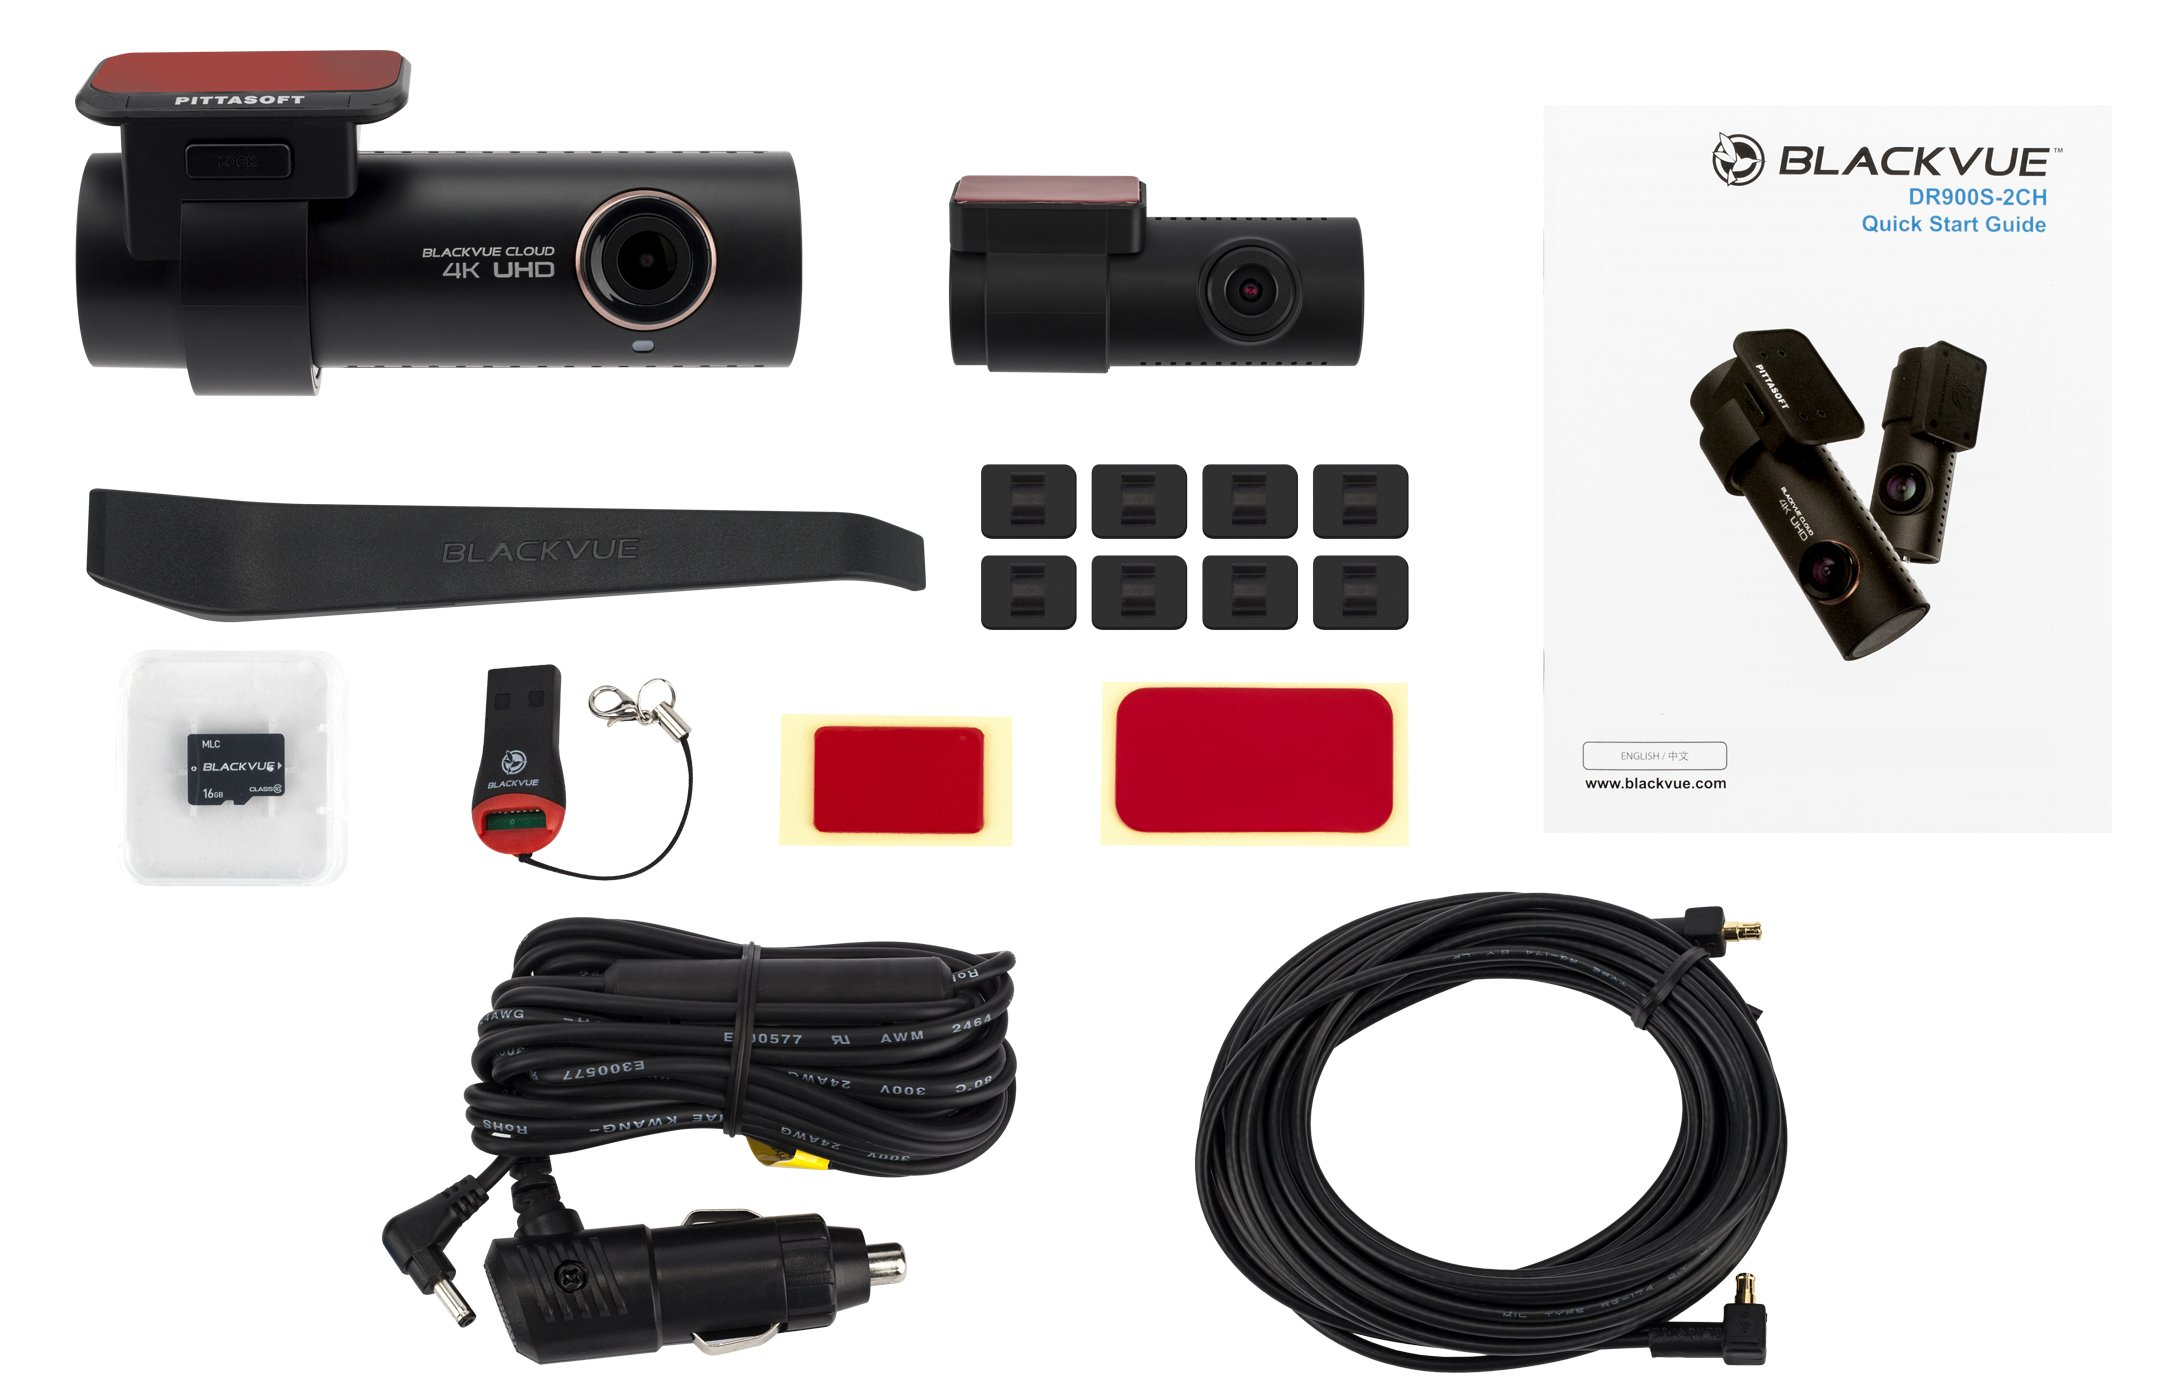 BlackVue-DR900S-2CH-4-K-Ultra-HD-Weitwinkel-Cloud-Verbunden-Dash-Kamera